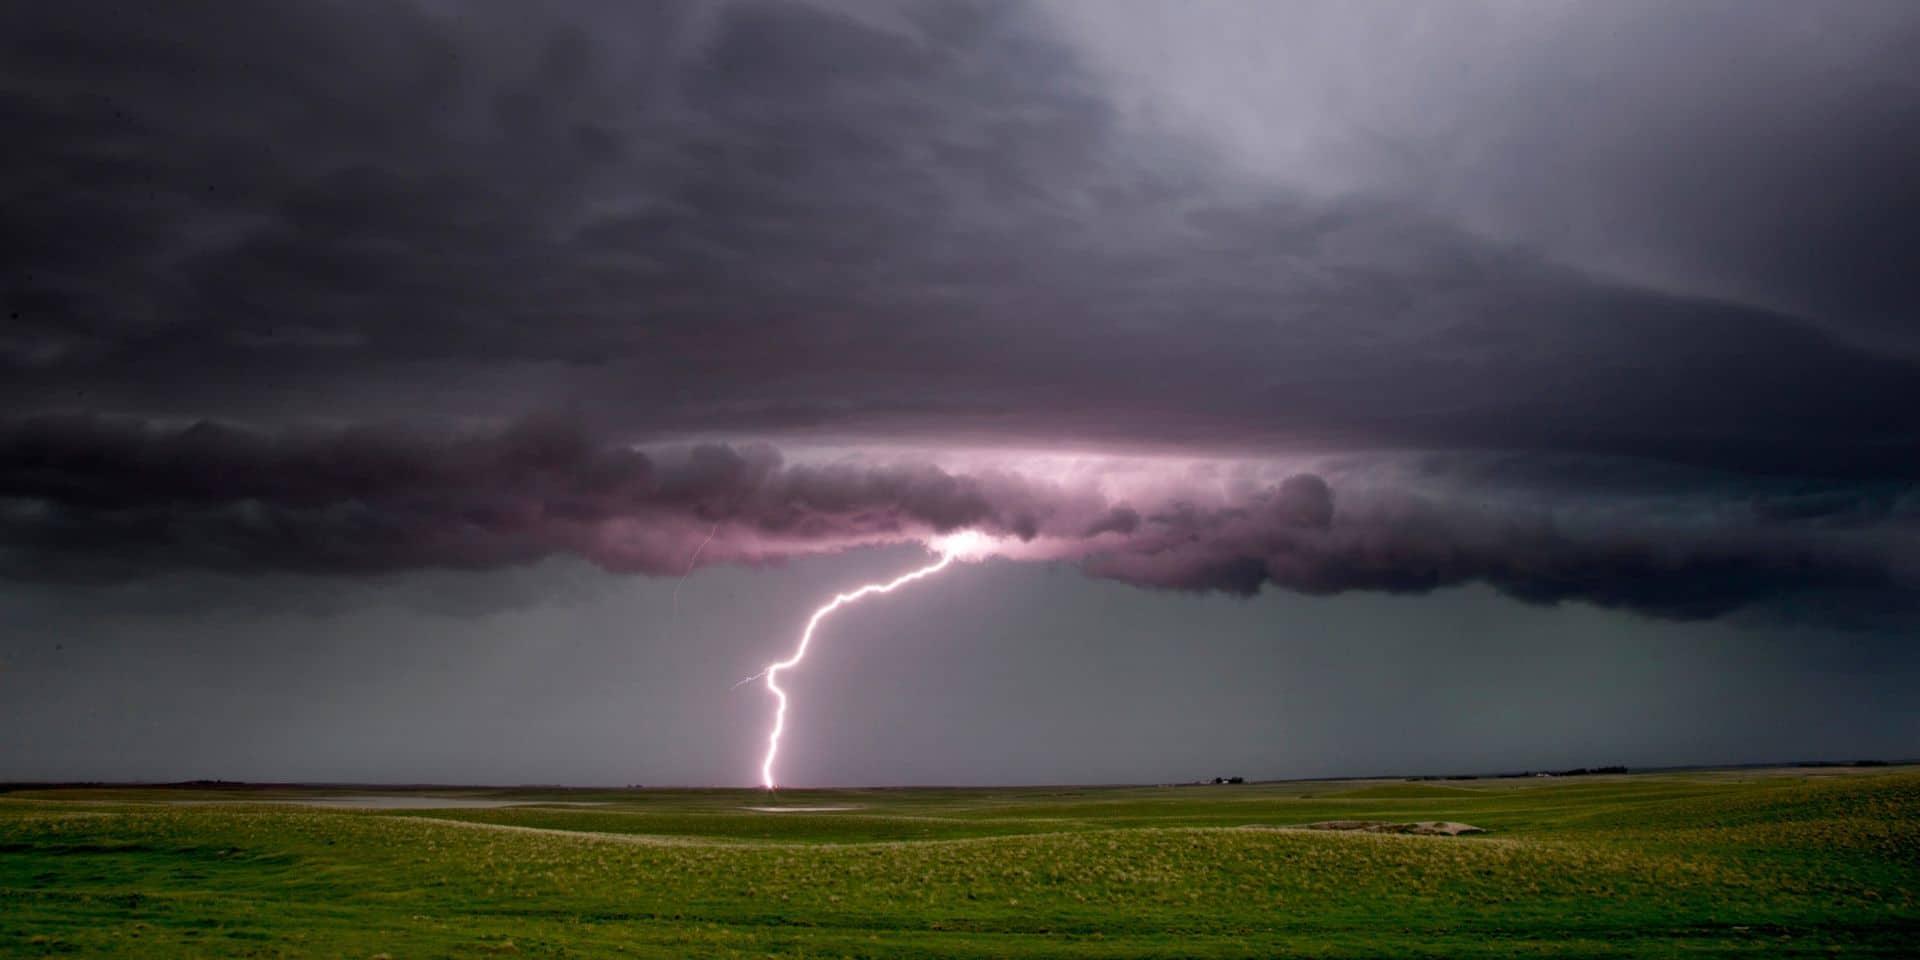 Météo: alerte jaune pour les orages jusqu'à ce samedi soir